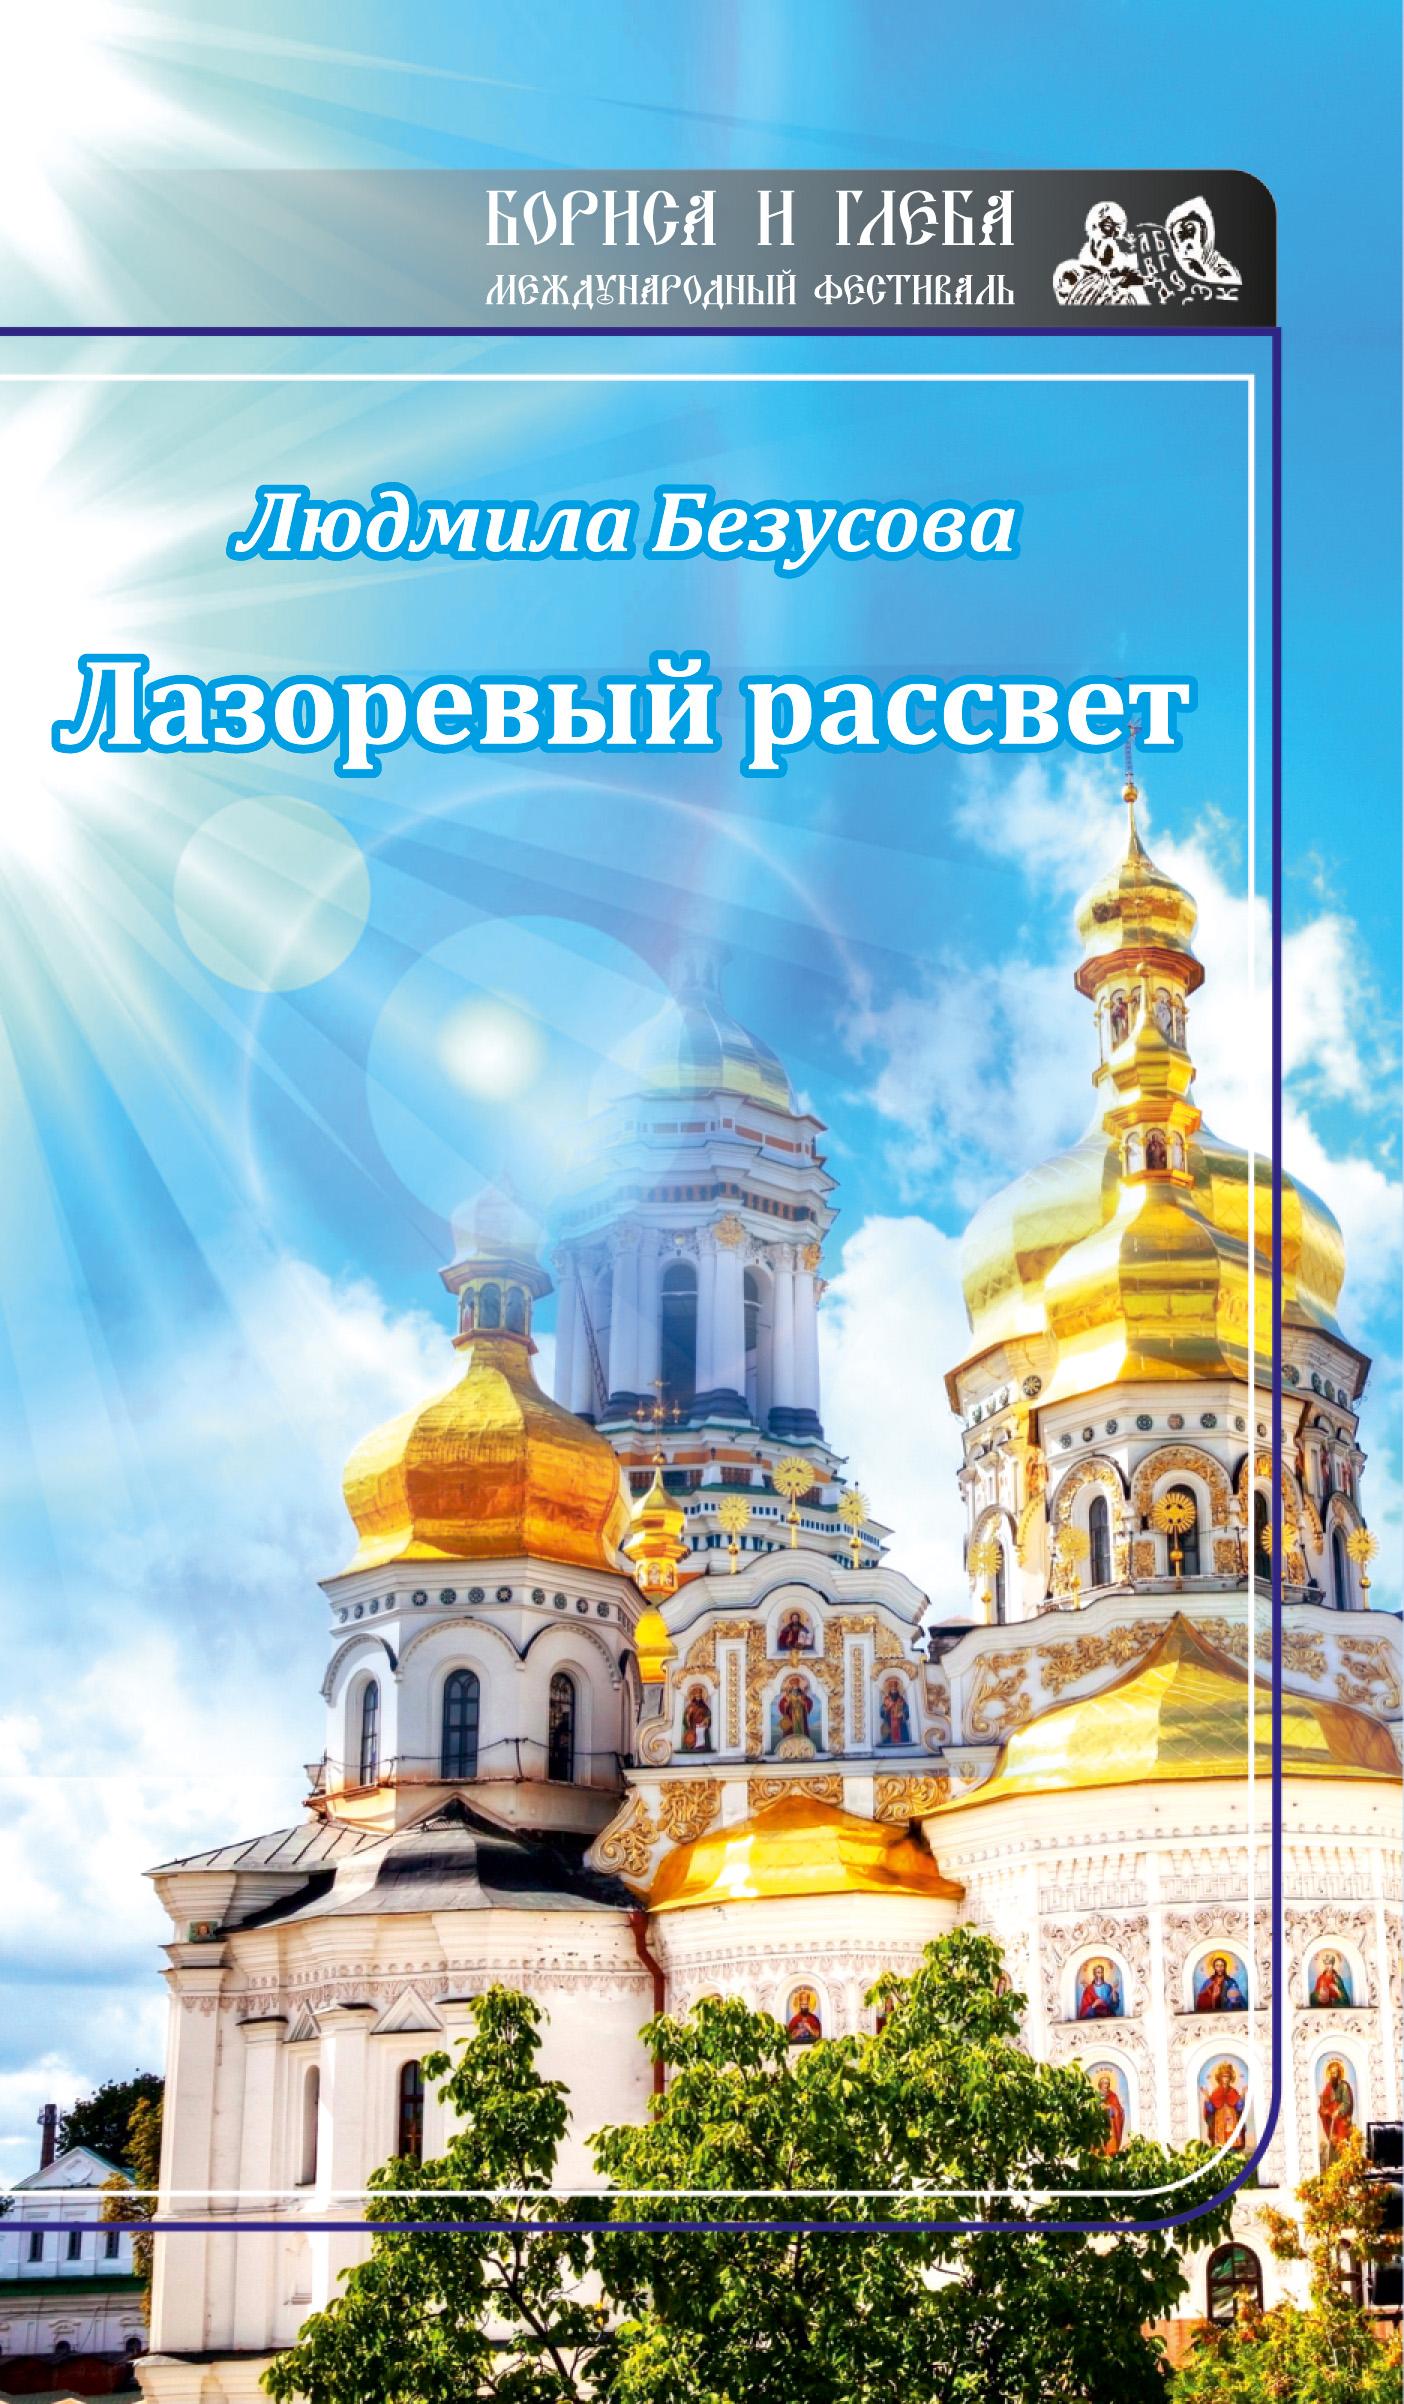 Людмила Безусова Лазоревый рассвет (сборник) кожин о и рассвет